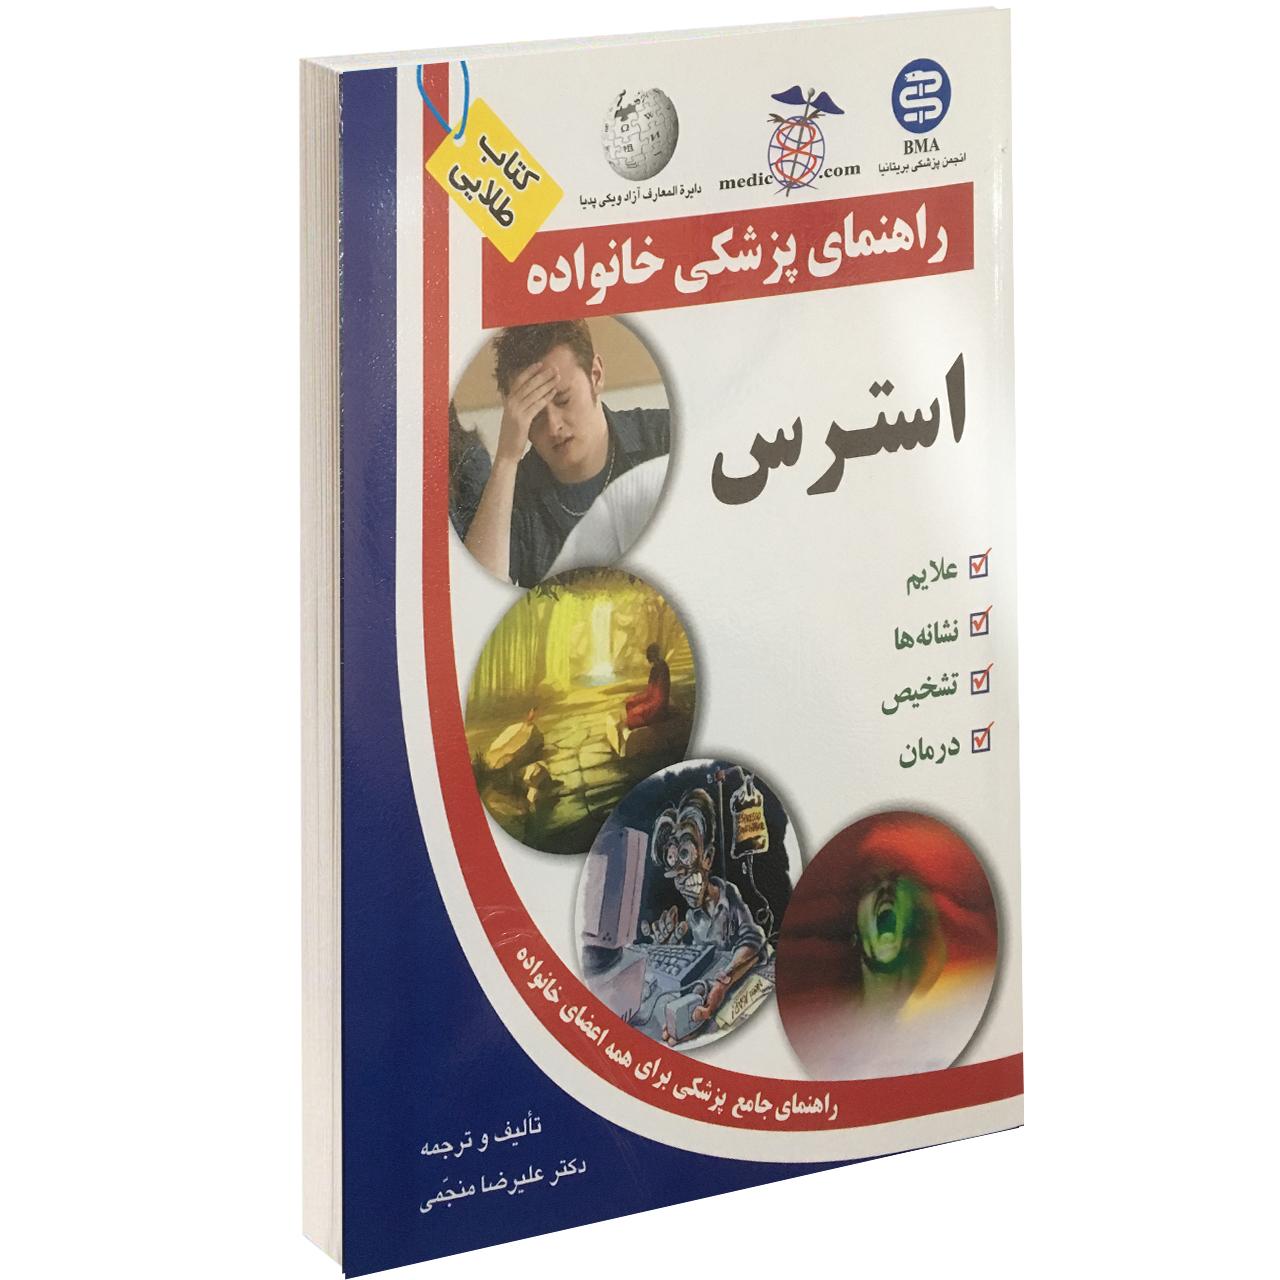 کتاب استرس اثر علیرضا منجمی نشر آزادمهر